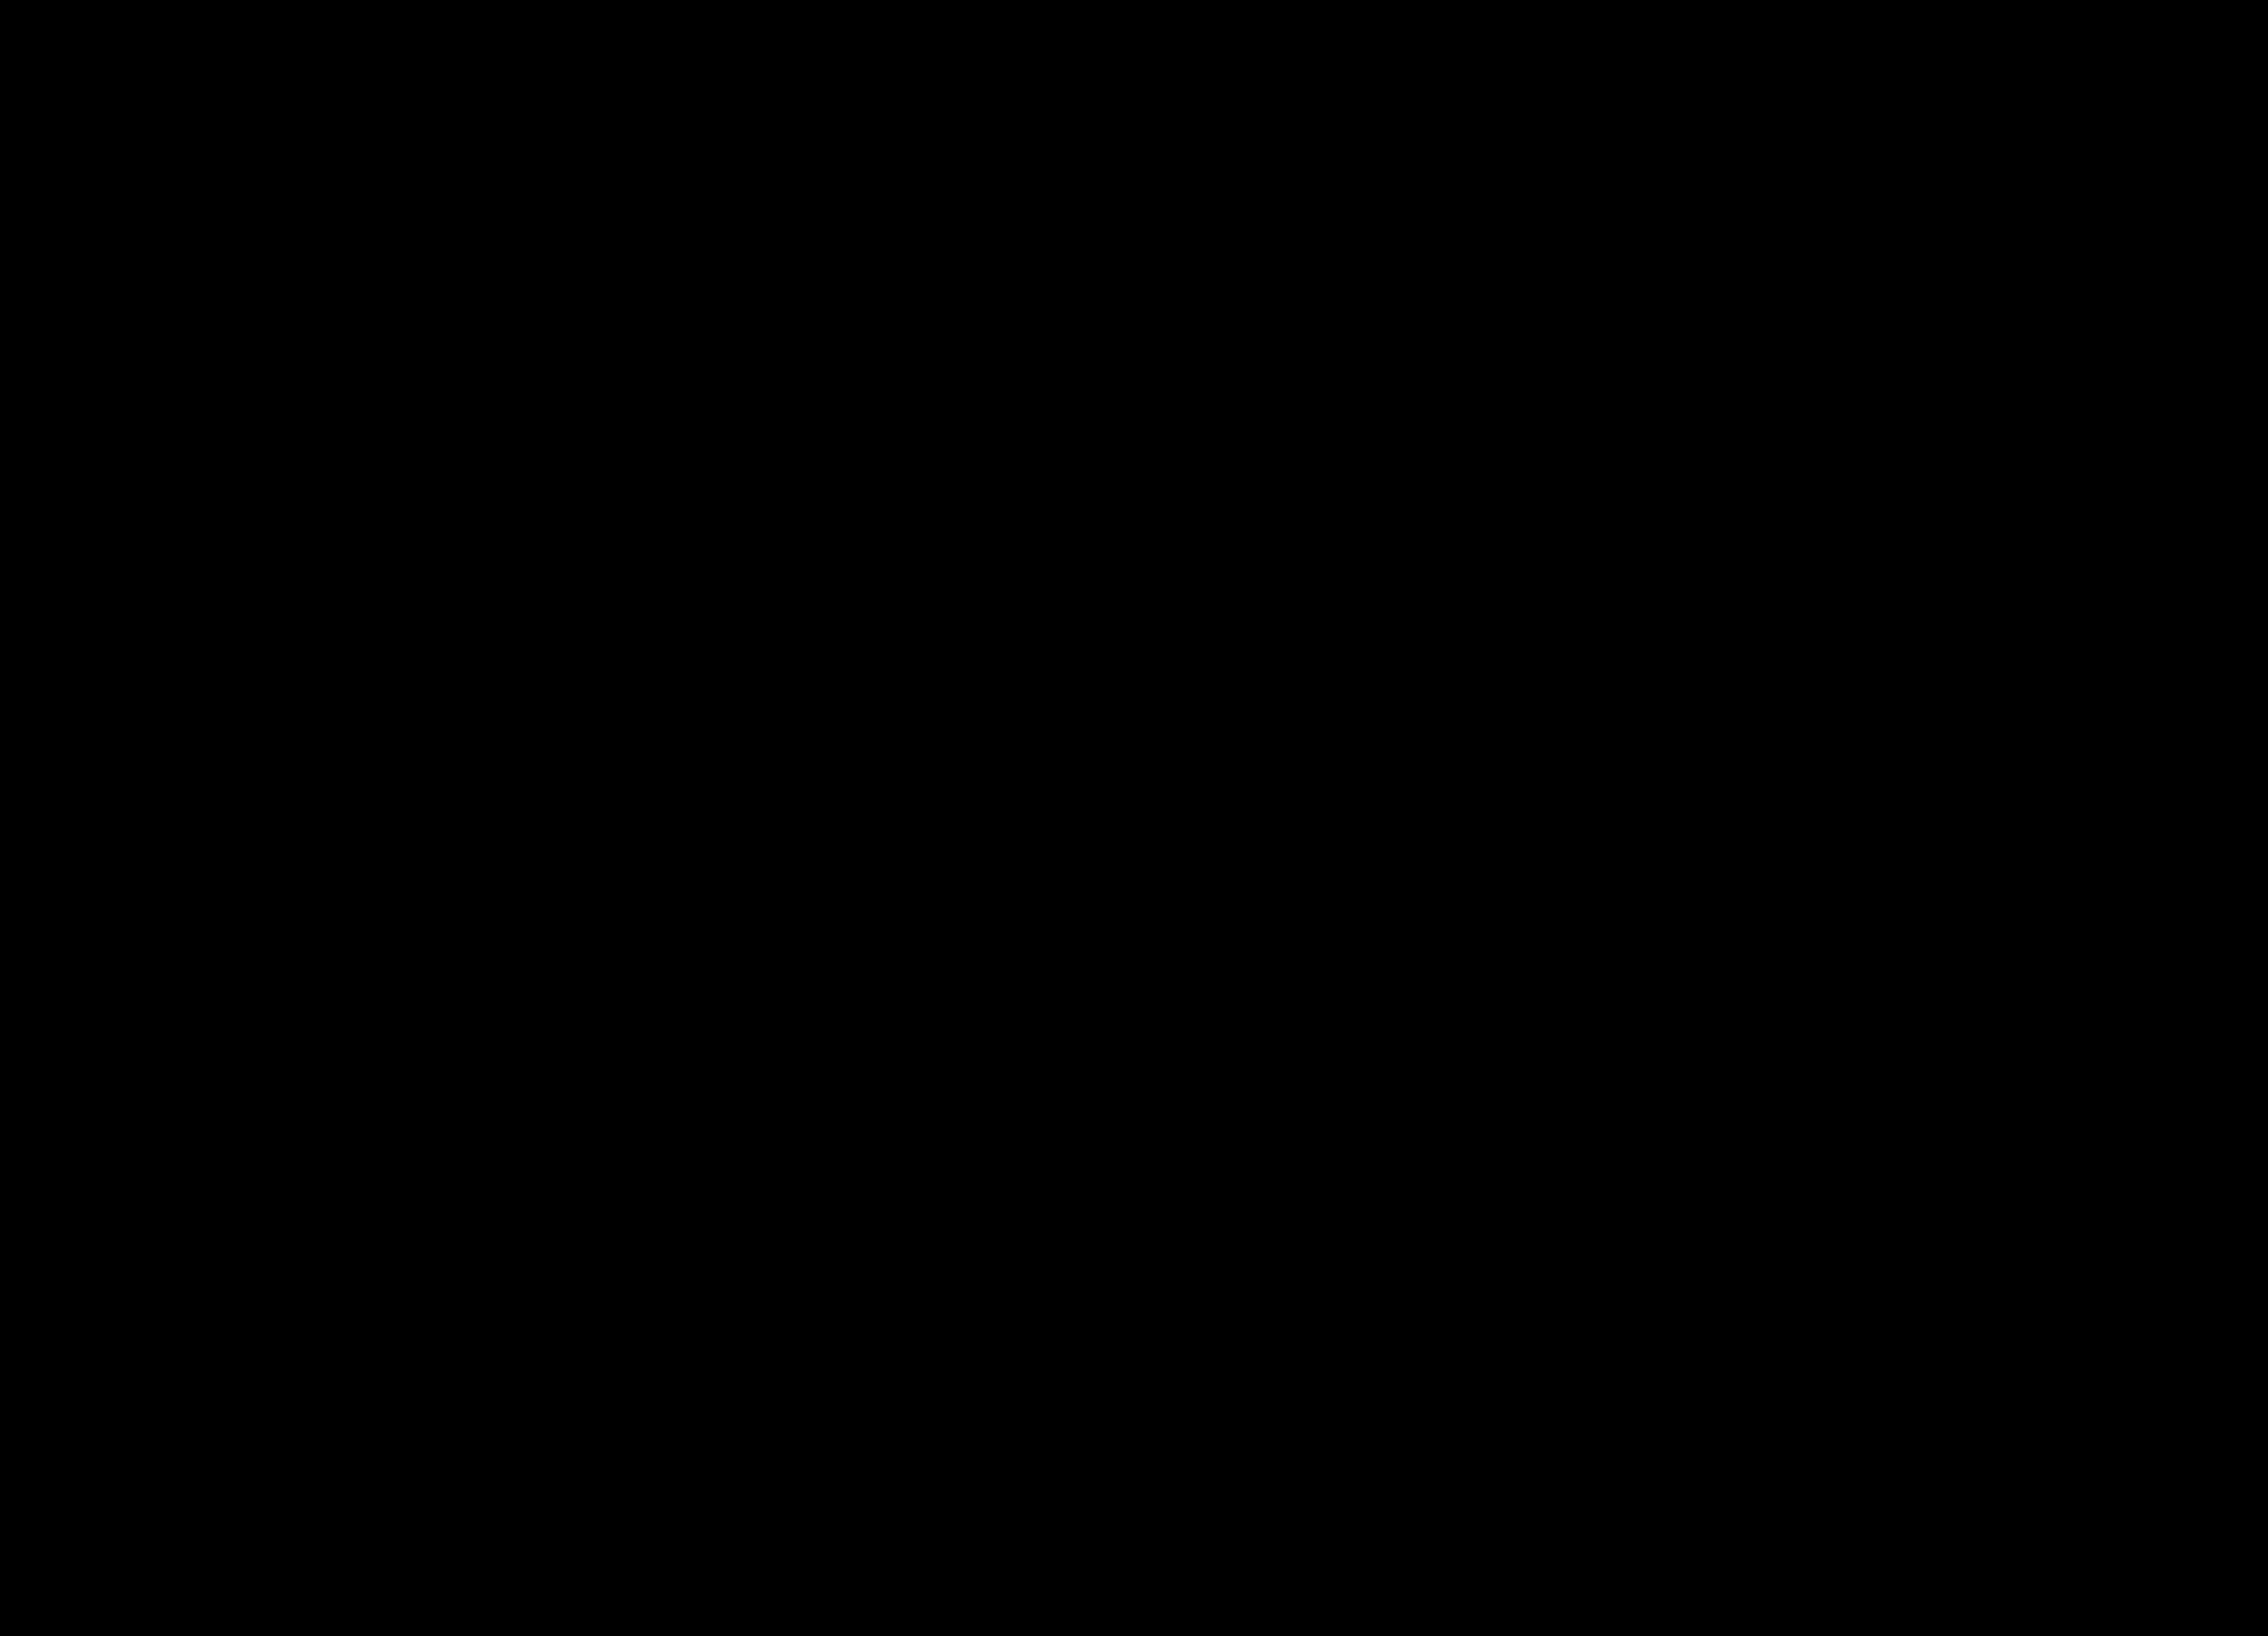 AFFICHE_TOURNOI_P500_octobre_23-24_2021 ALL IN PADEL